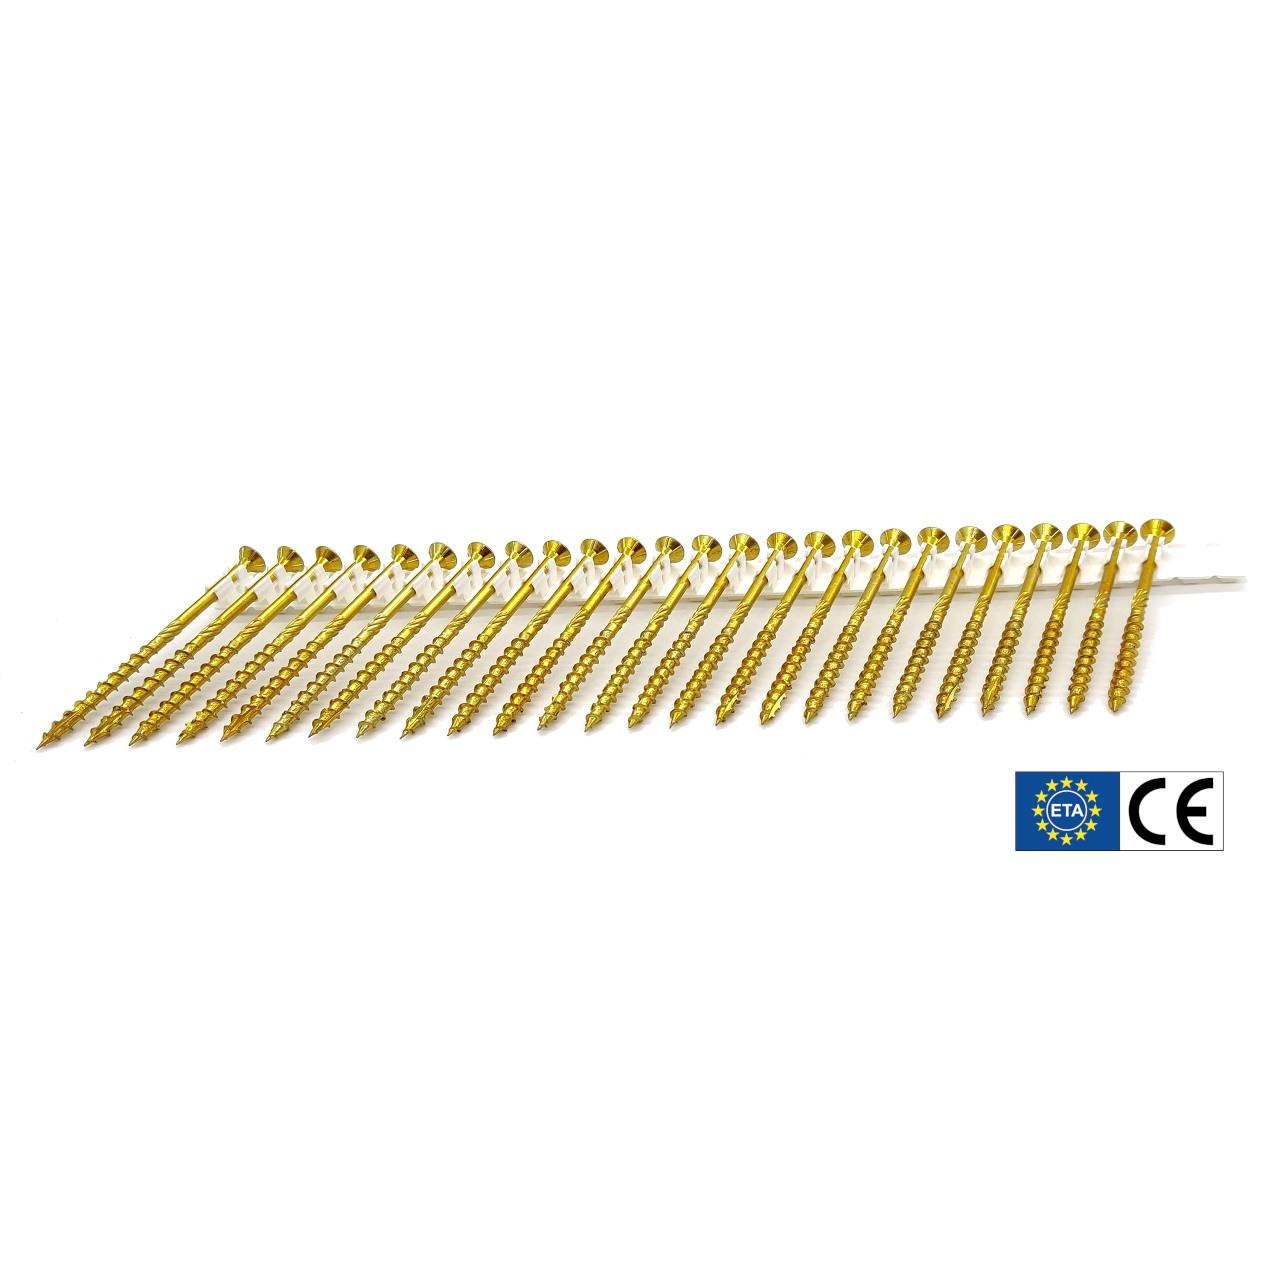 adunox-ONE-XL adunox-SuperUni Holzschrauben | gelb verzinkt | 6,0x140